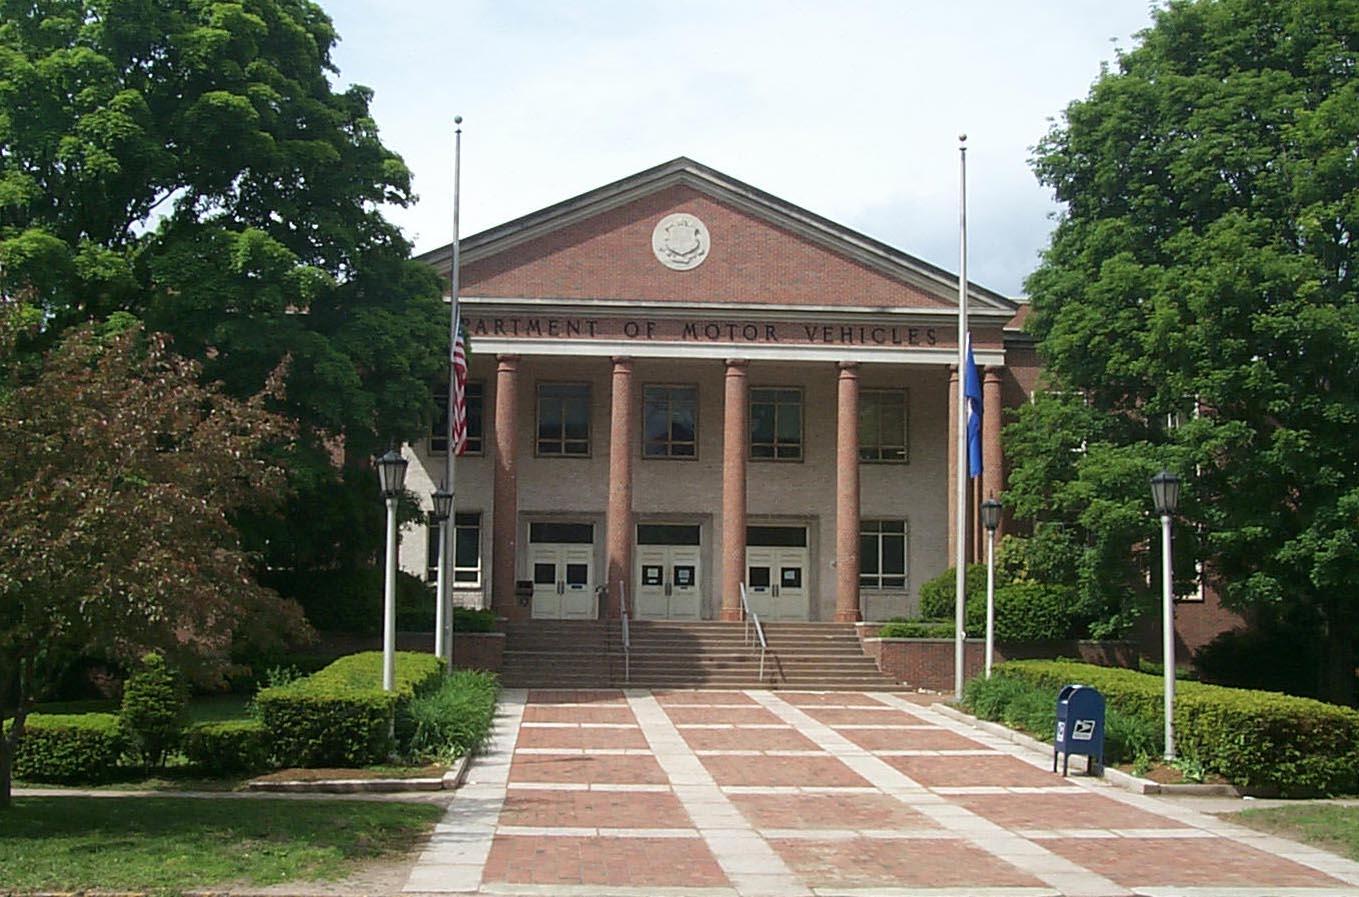 Wethersfield Office